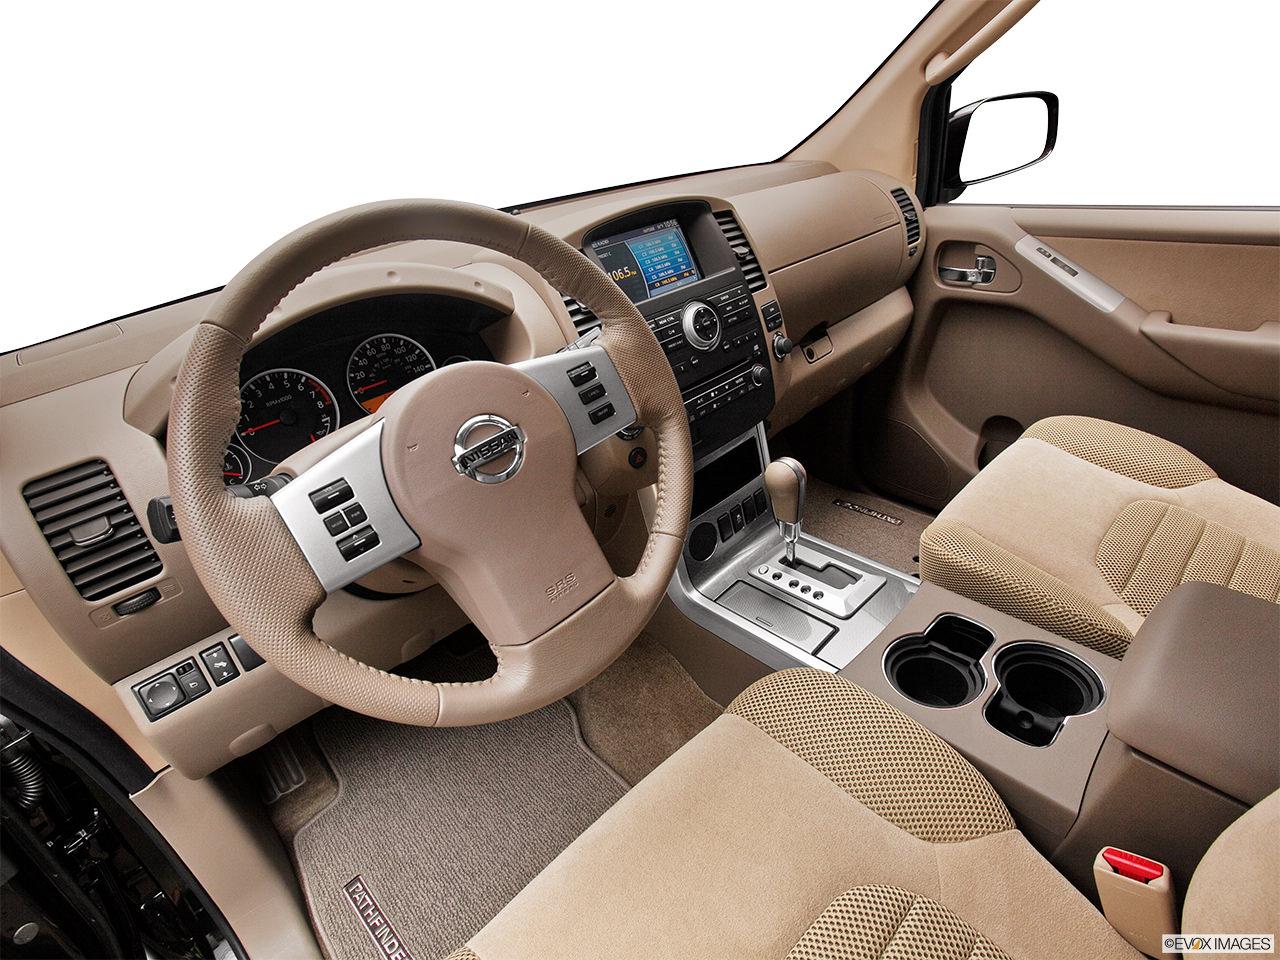 Nissan Pathfinder 2012 Interior